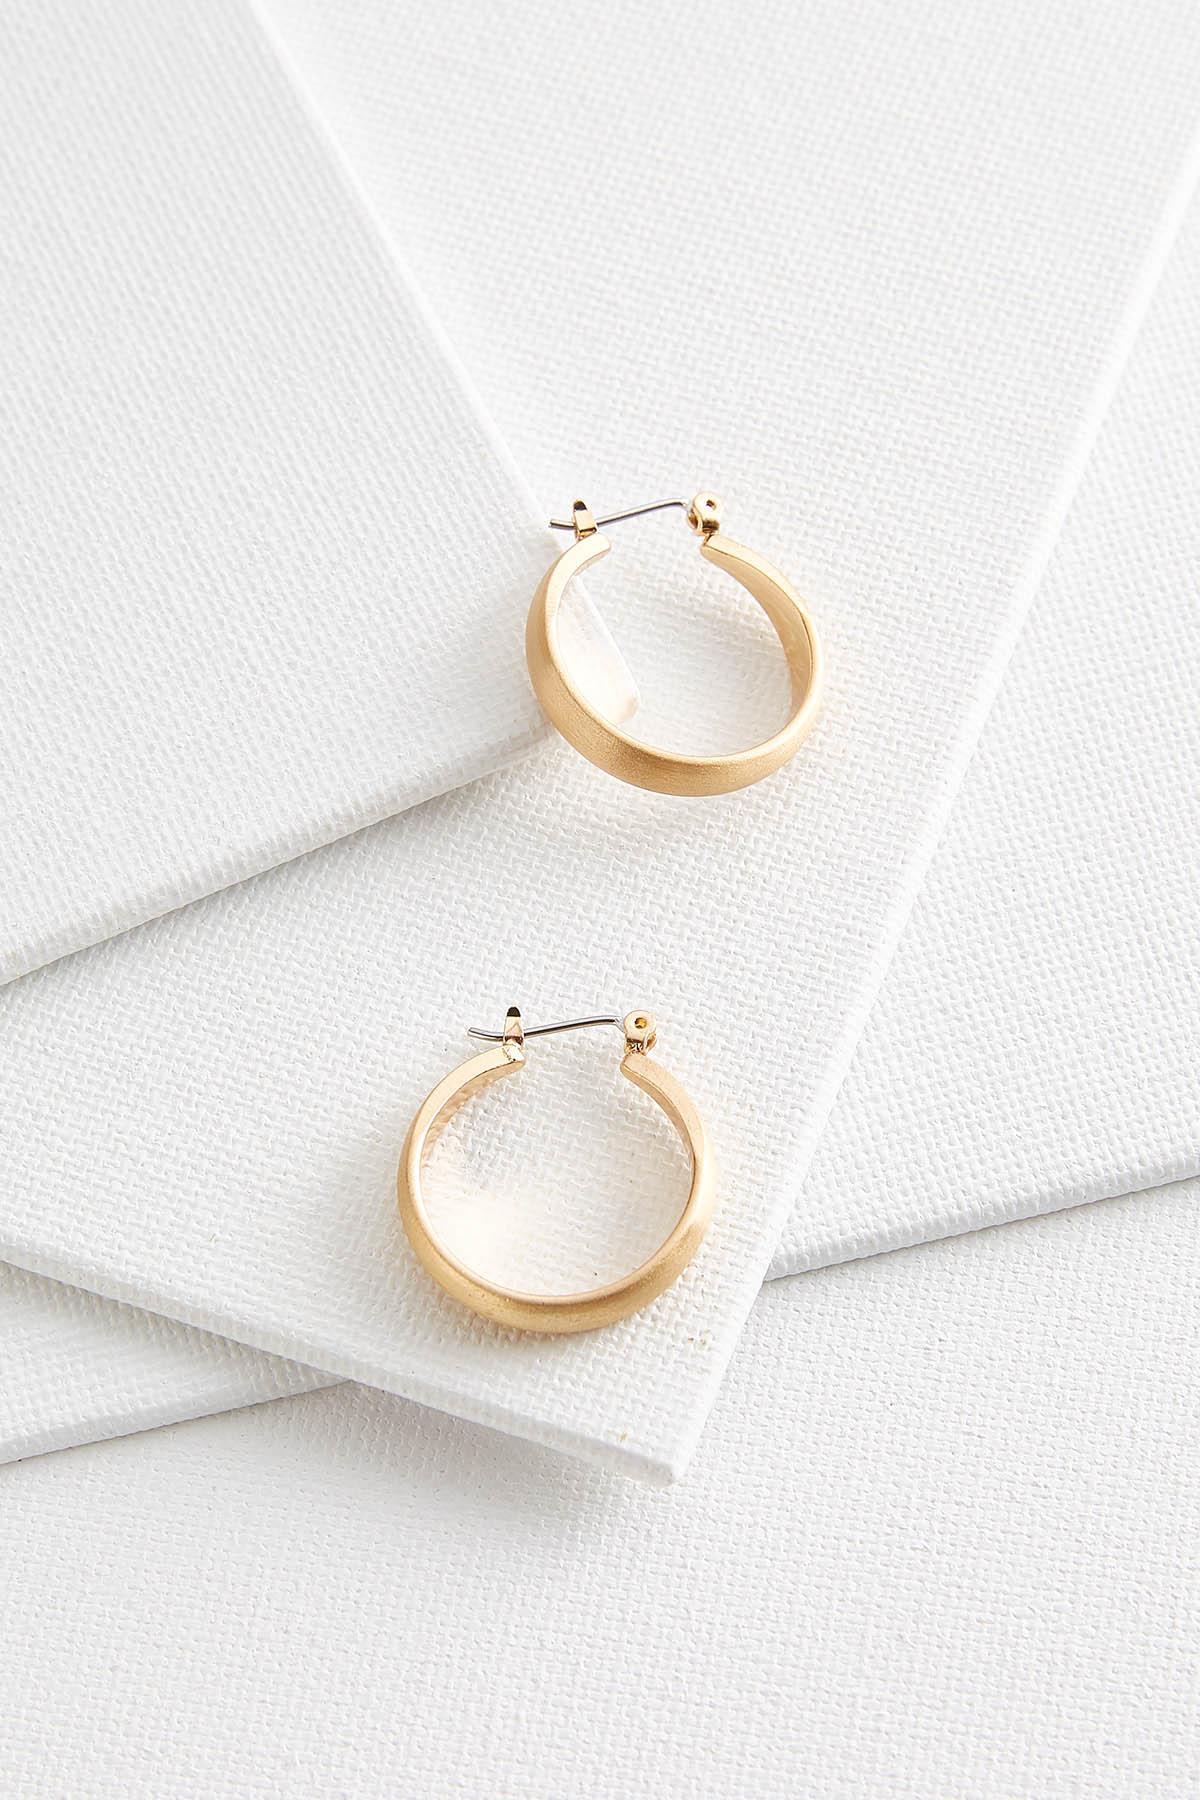 Satin Gold Hoop Earrings